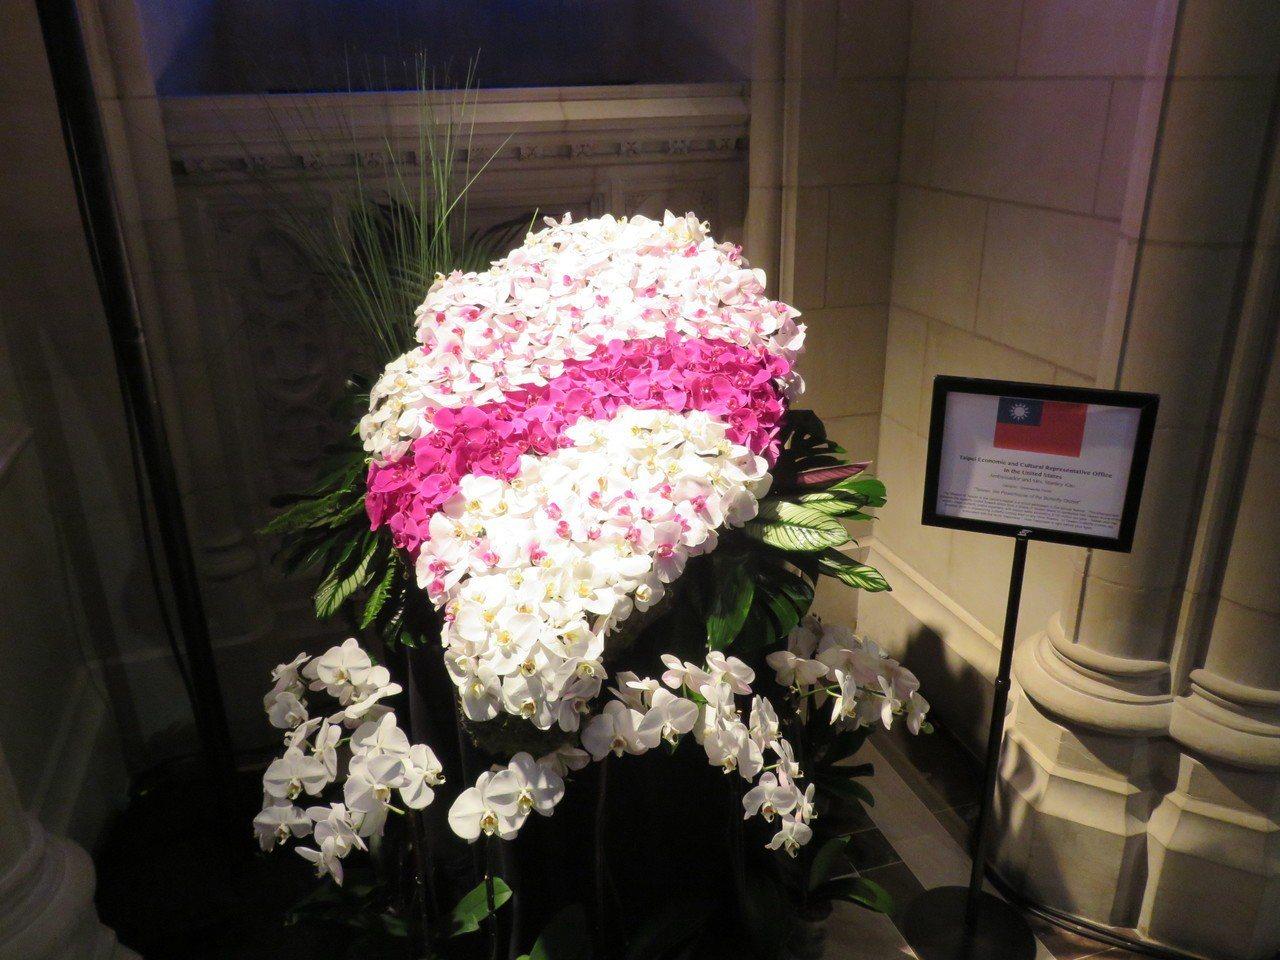 華府國家大教堂3日至4日舉辦花市活動,我駐美代表處以蝴蝶蘭排成台灣造型參加國際花...